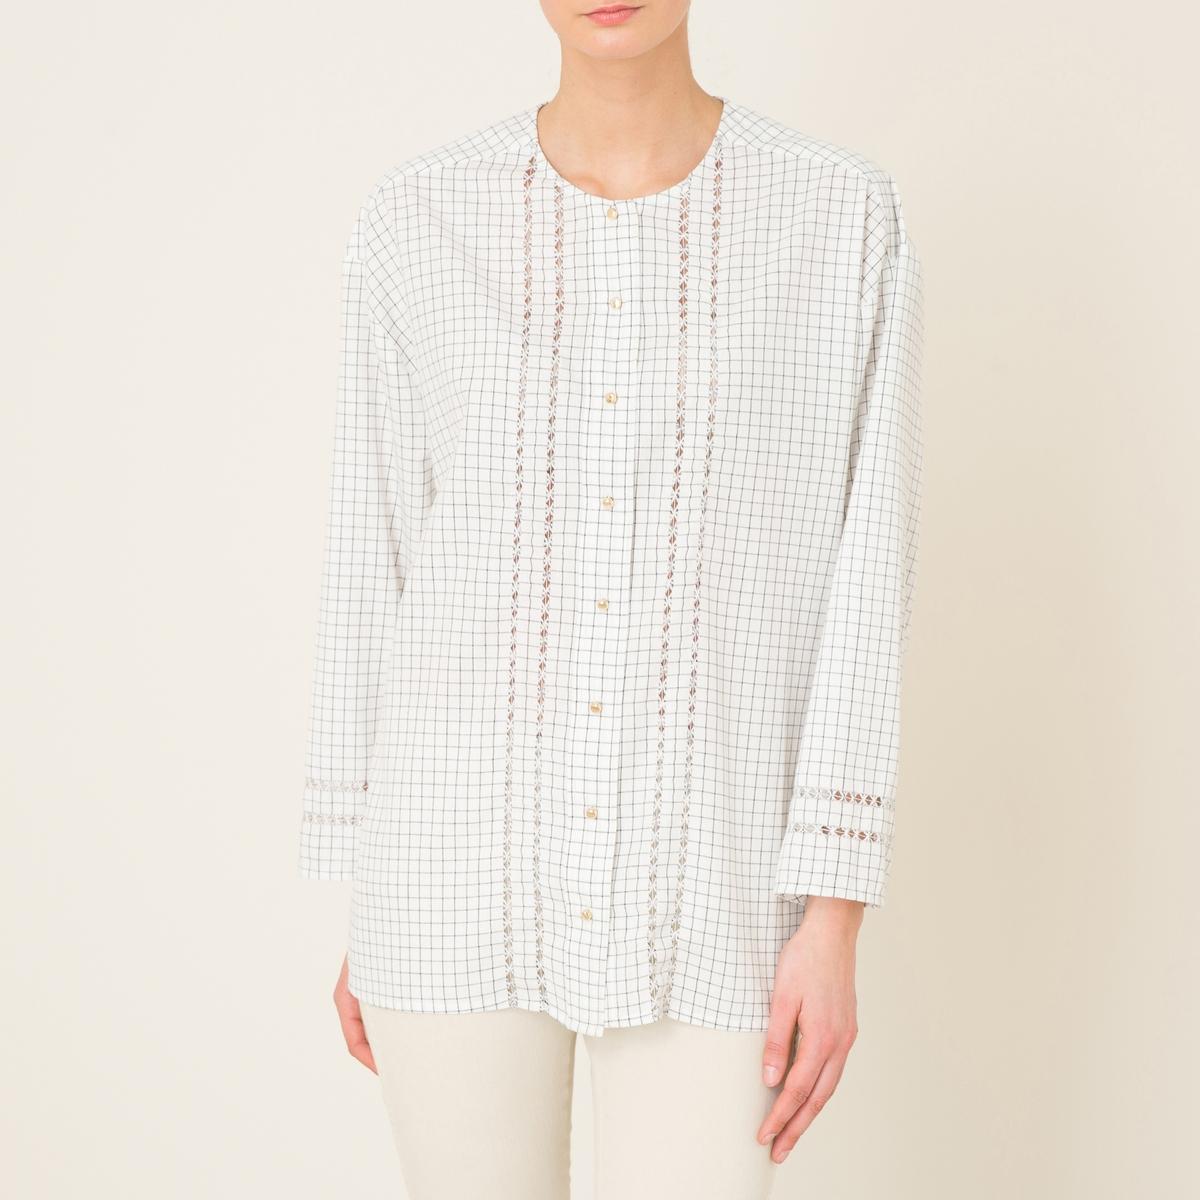 Рубашка в клеткуСостав и описание   Материал : 100% хлопок   Марка : LAURENCE BRAS<br><br>Цвет: белый/ черный<br>Размер: M